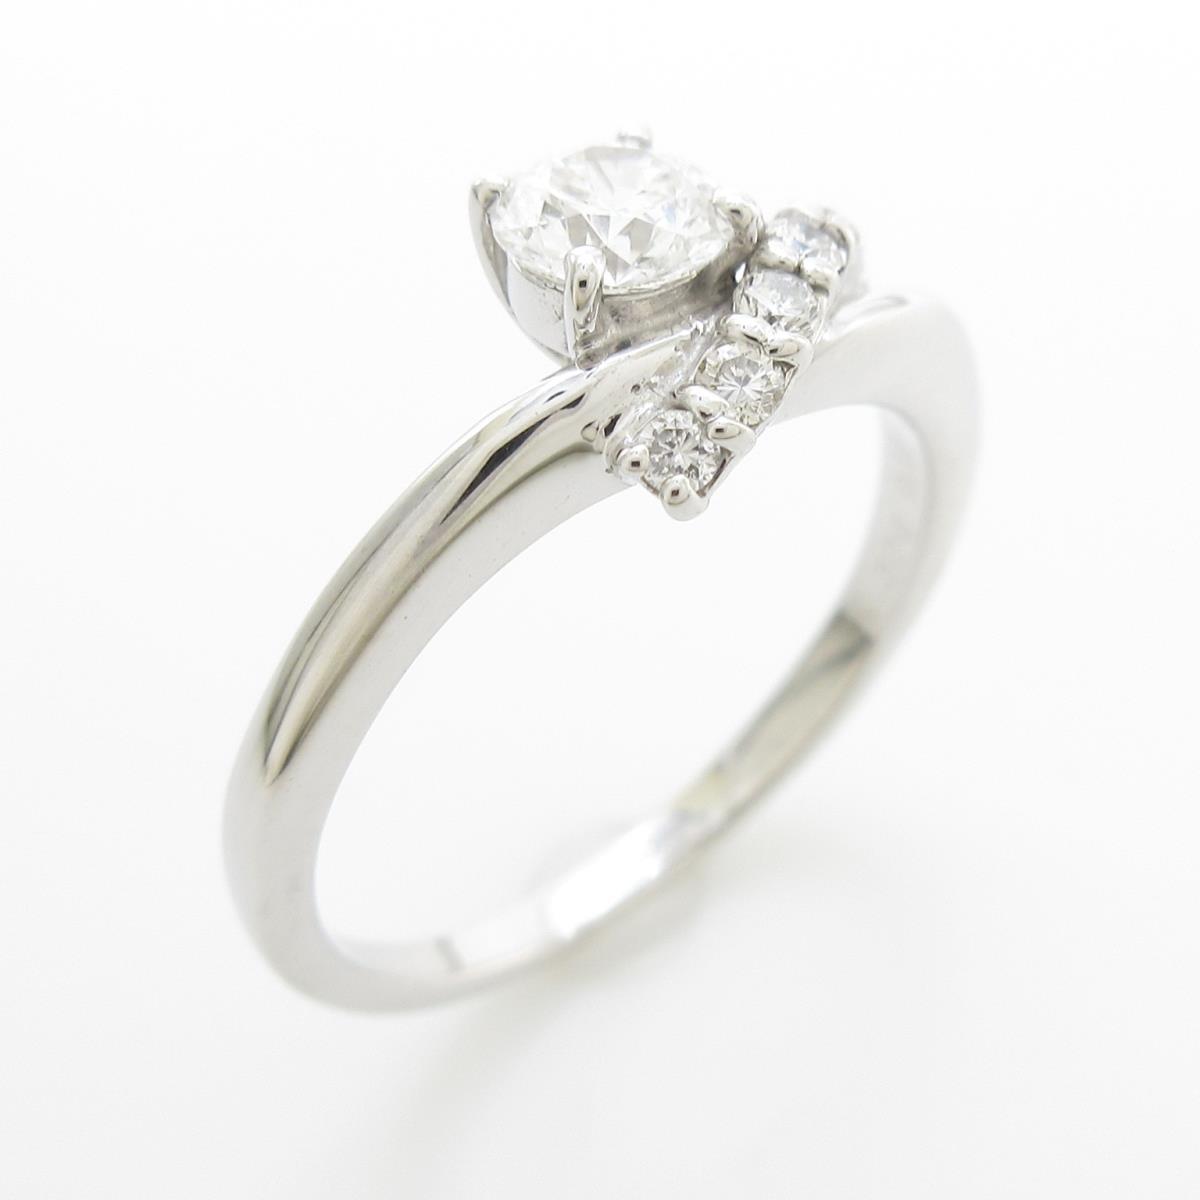 K18WG ダイヤモンドリング 0.326ct・D・VVS1・3EXT H&C【中古】